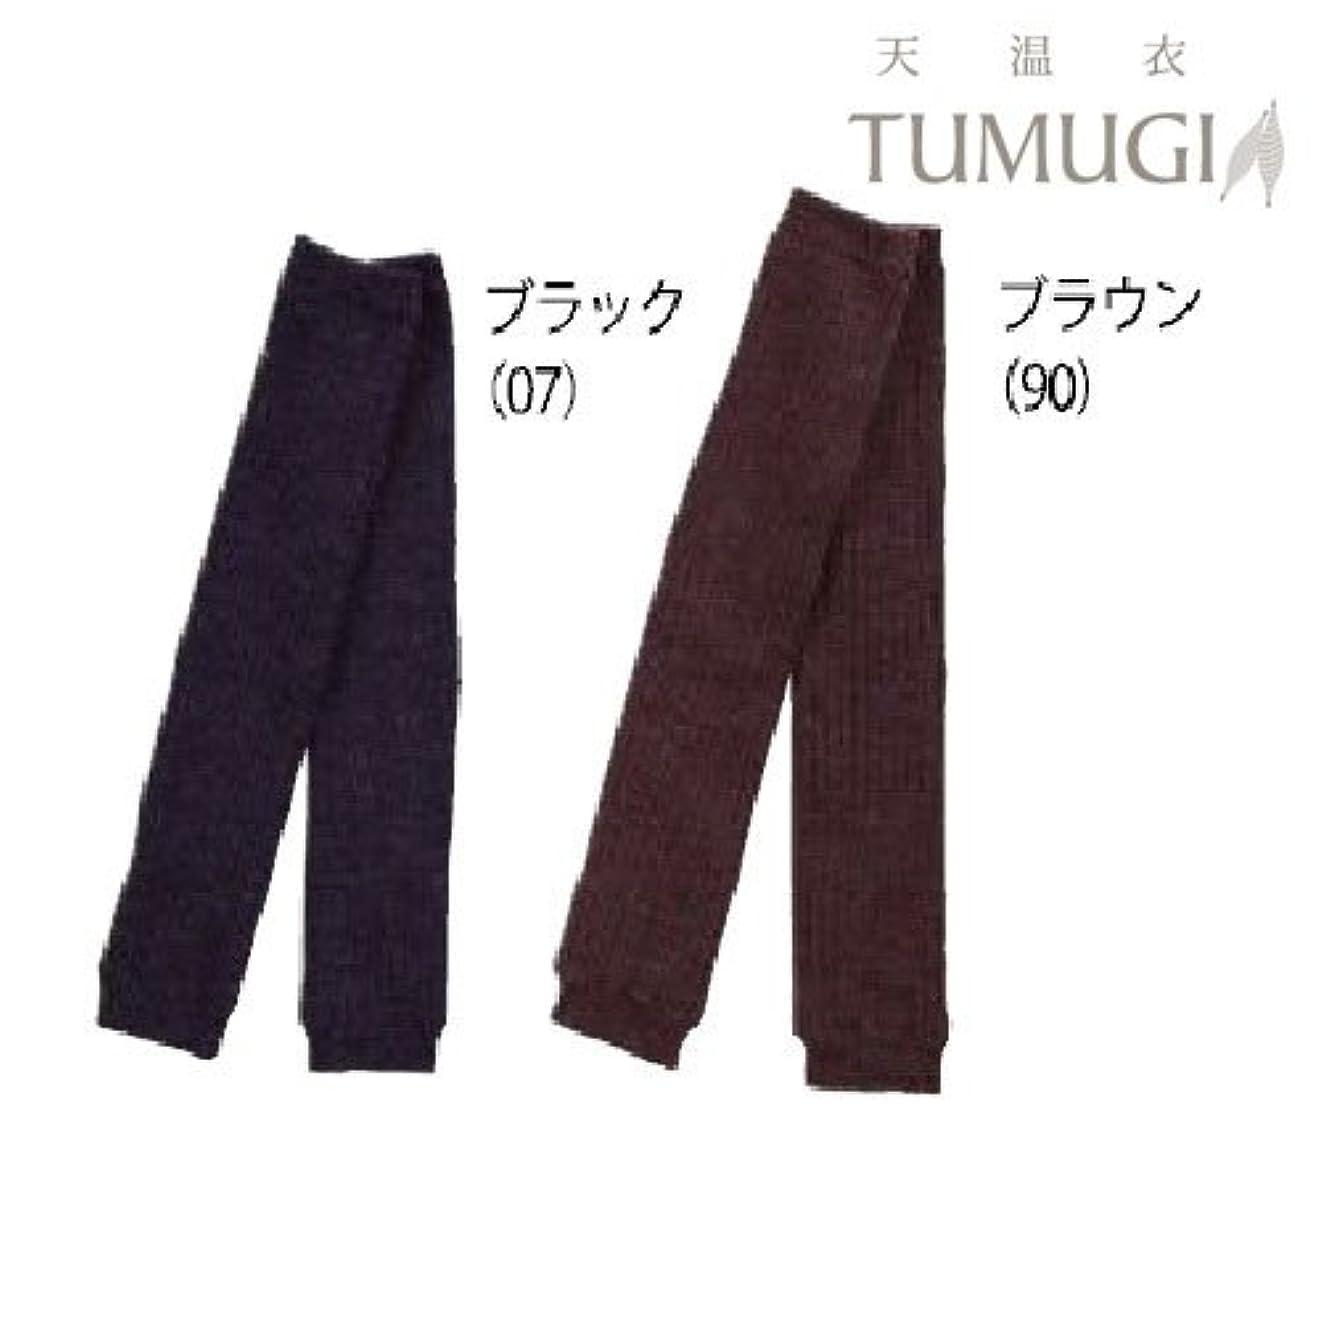 それにもかかわらず上向き是正する天温衣TUMUGI  ウールとシルクの2重編みレッグウォーマー (ブラウン(茶))